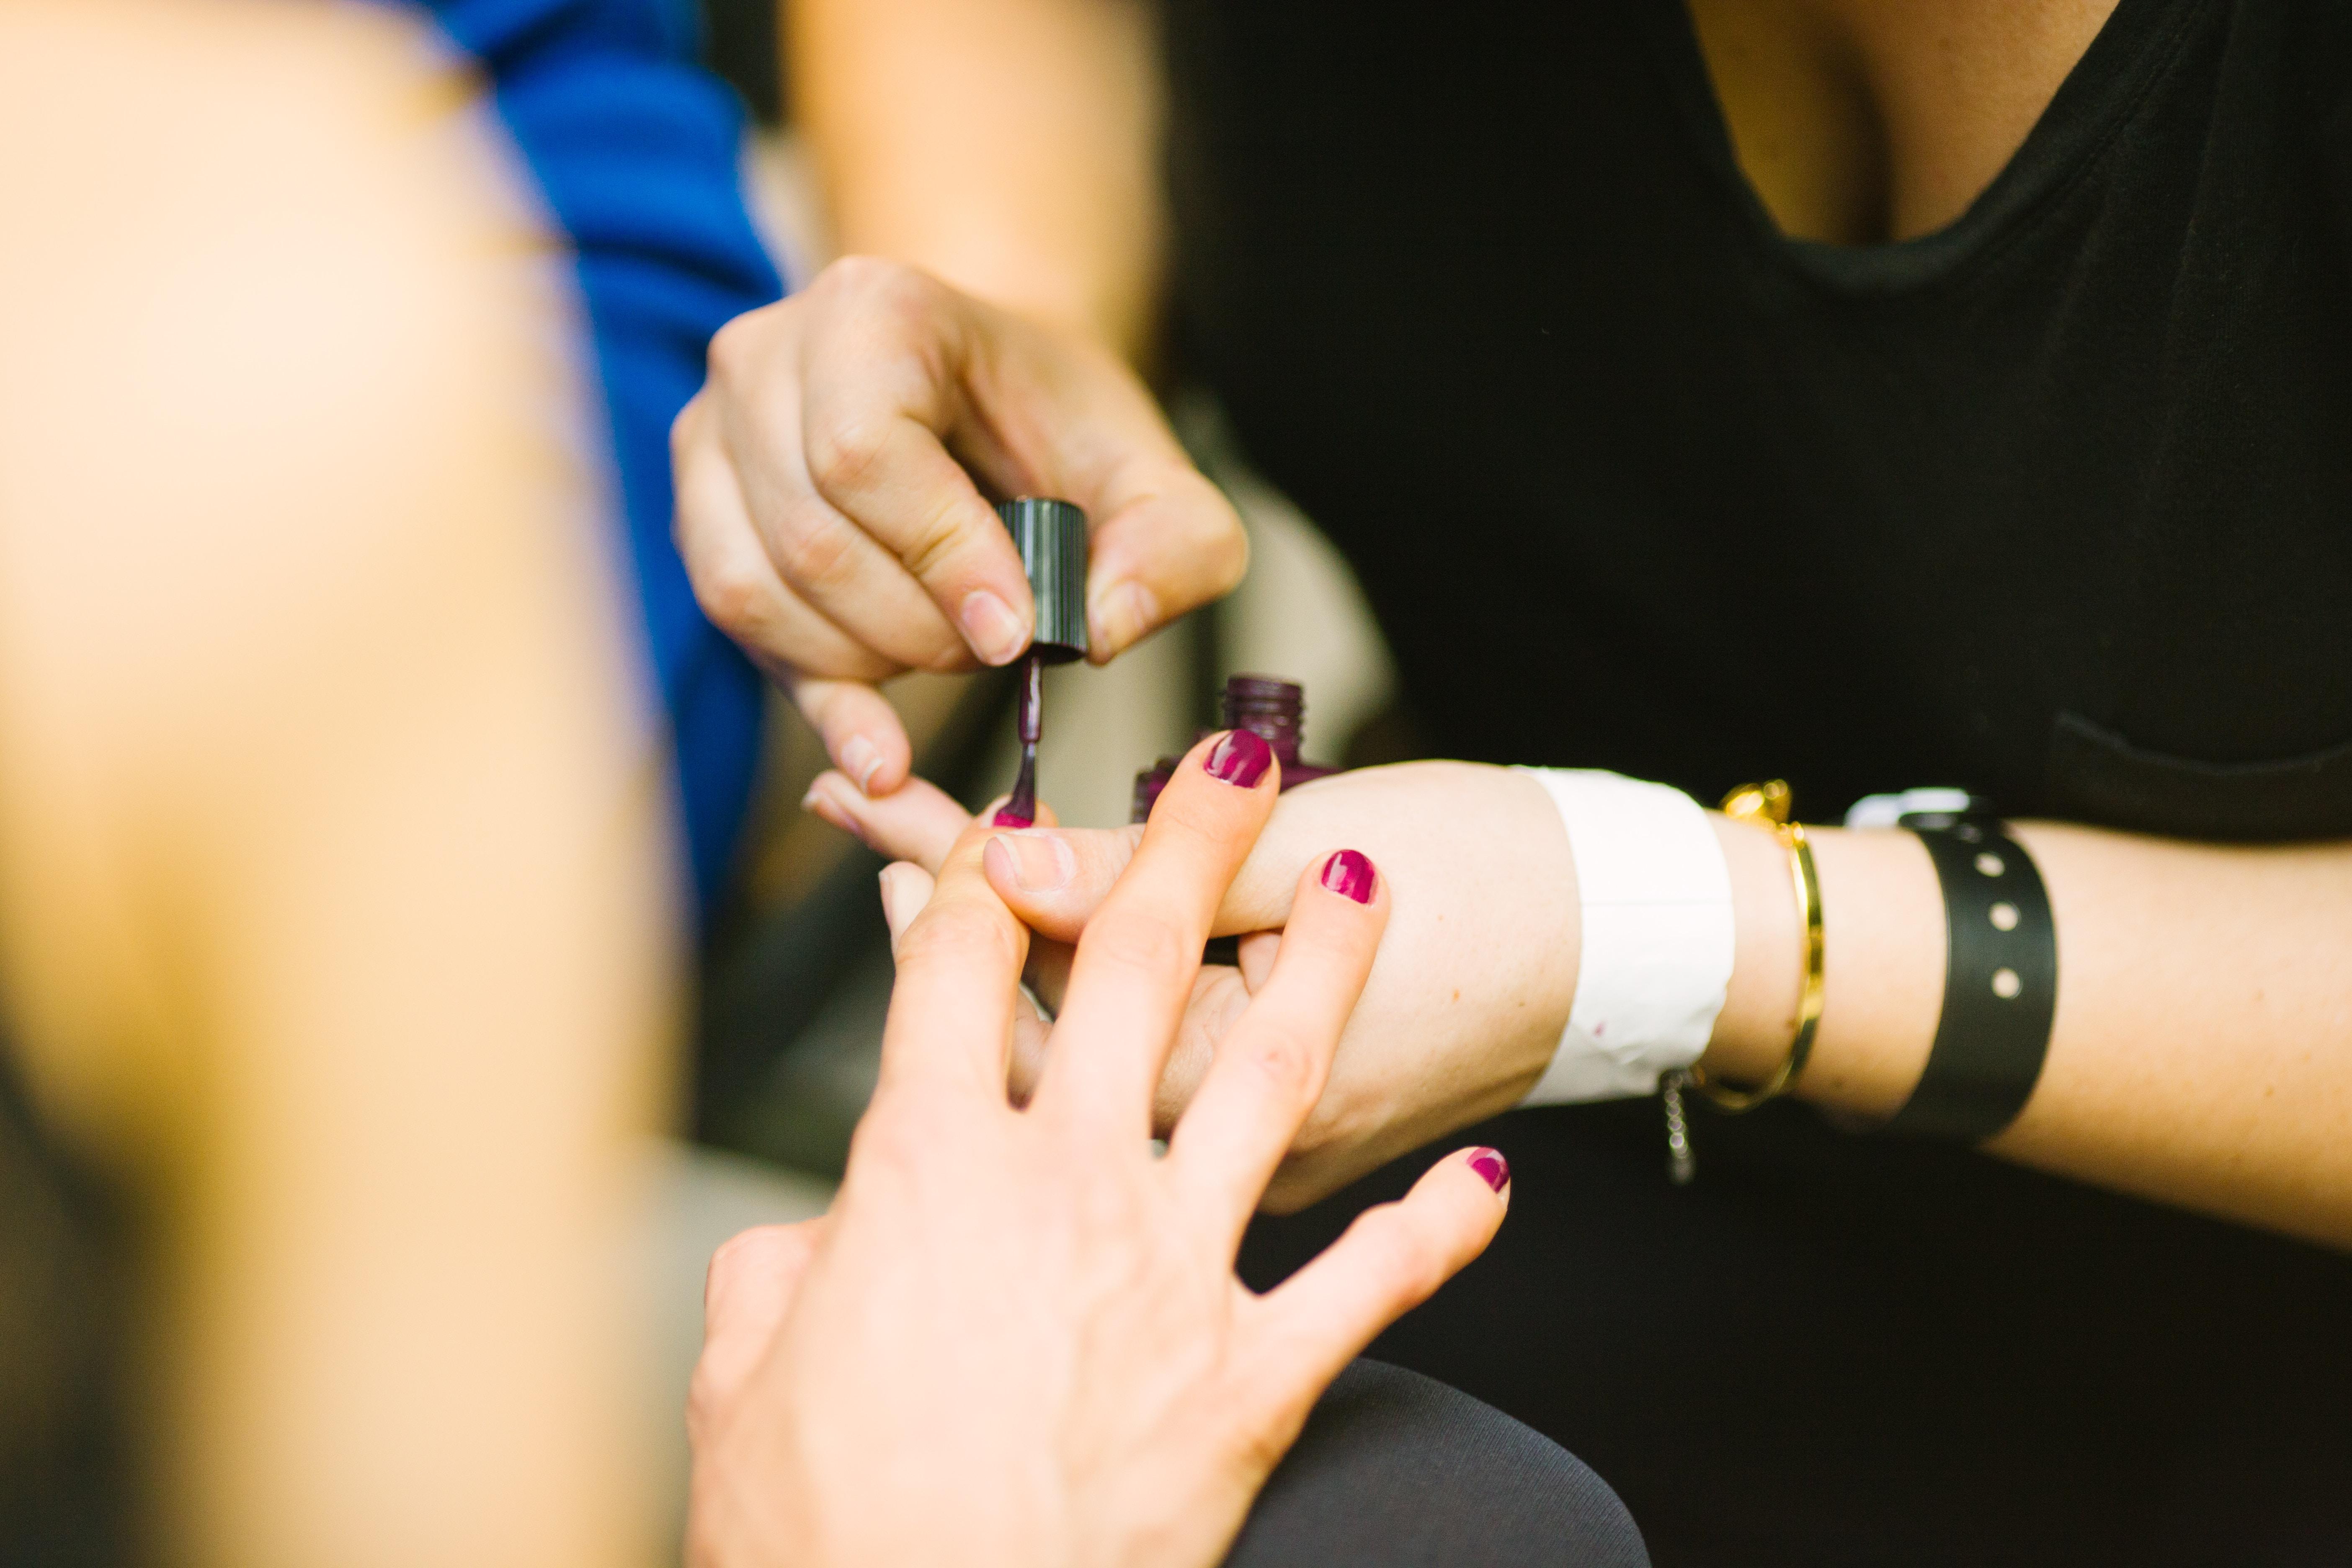 La ricostruzione unghie può rinforzare le unghie solo se fatta nel modo corretto